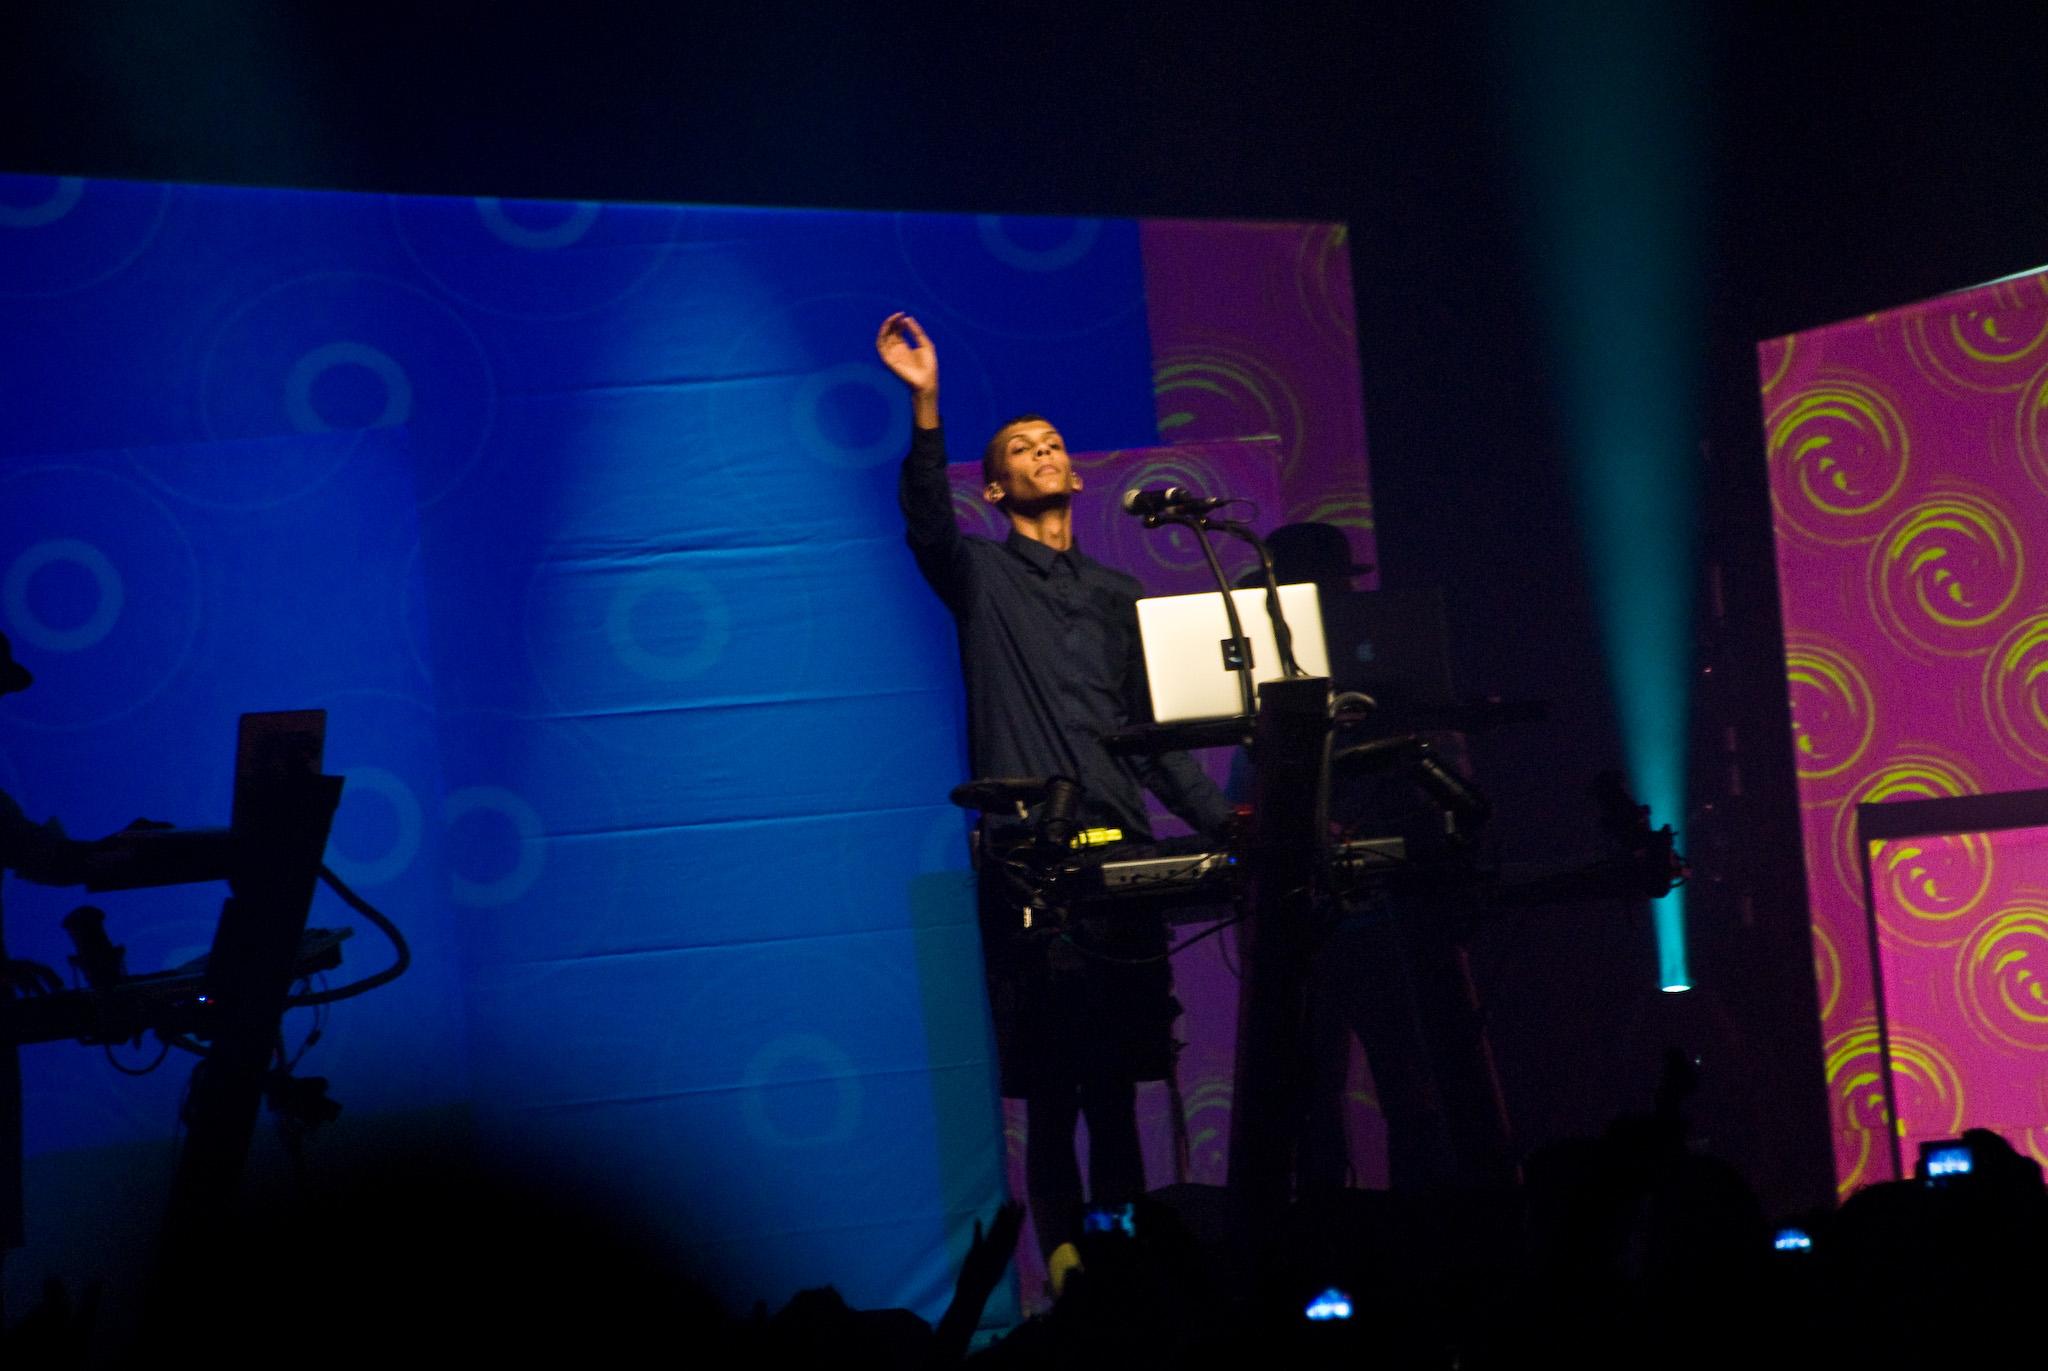 Métropolis: alors on danse sur le beat de Stromae